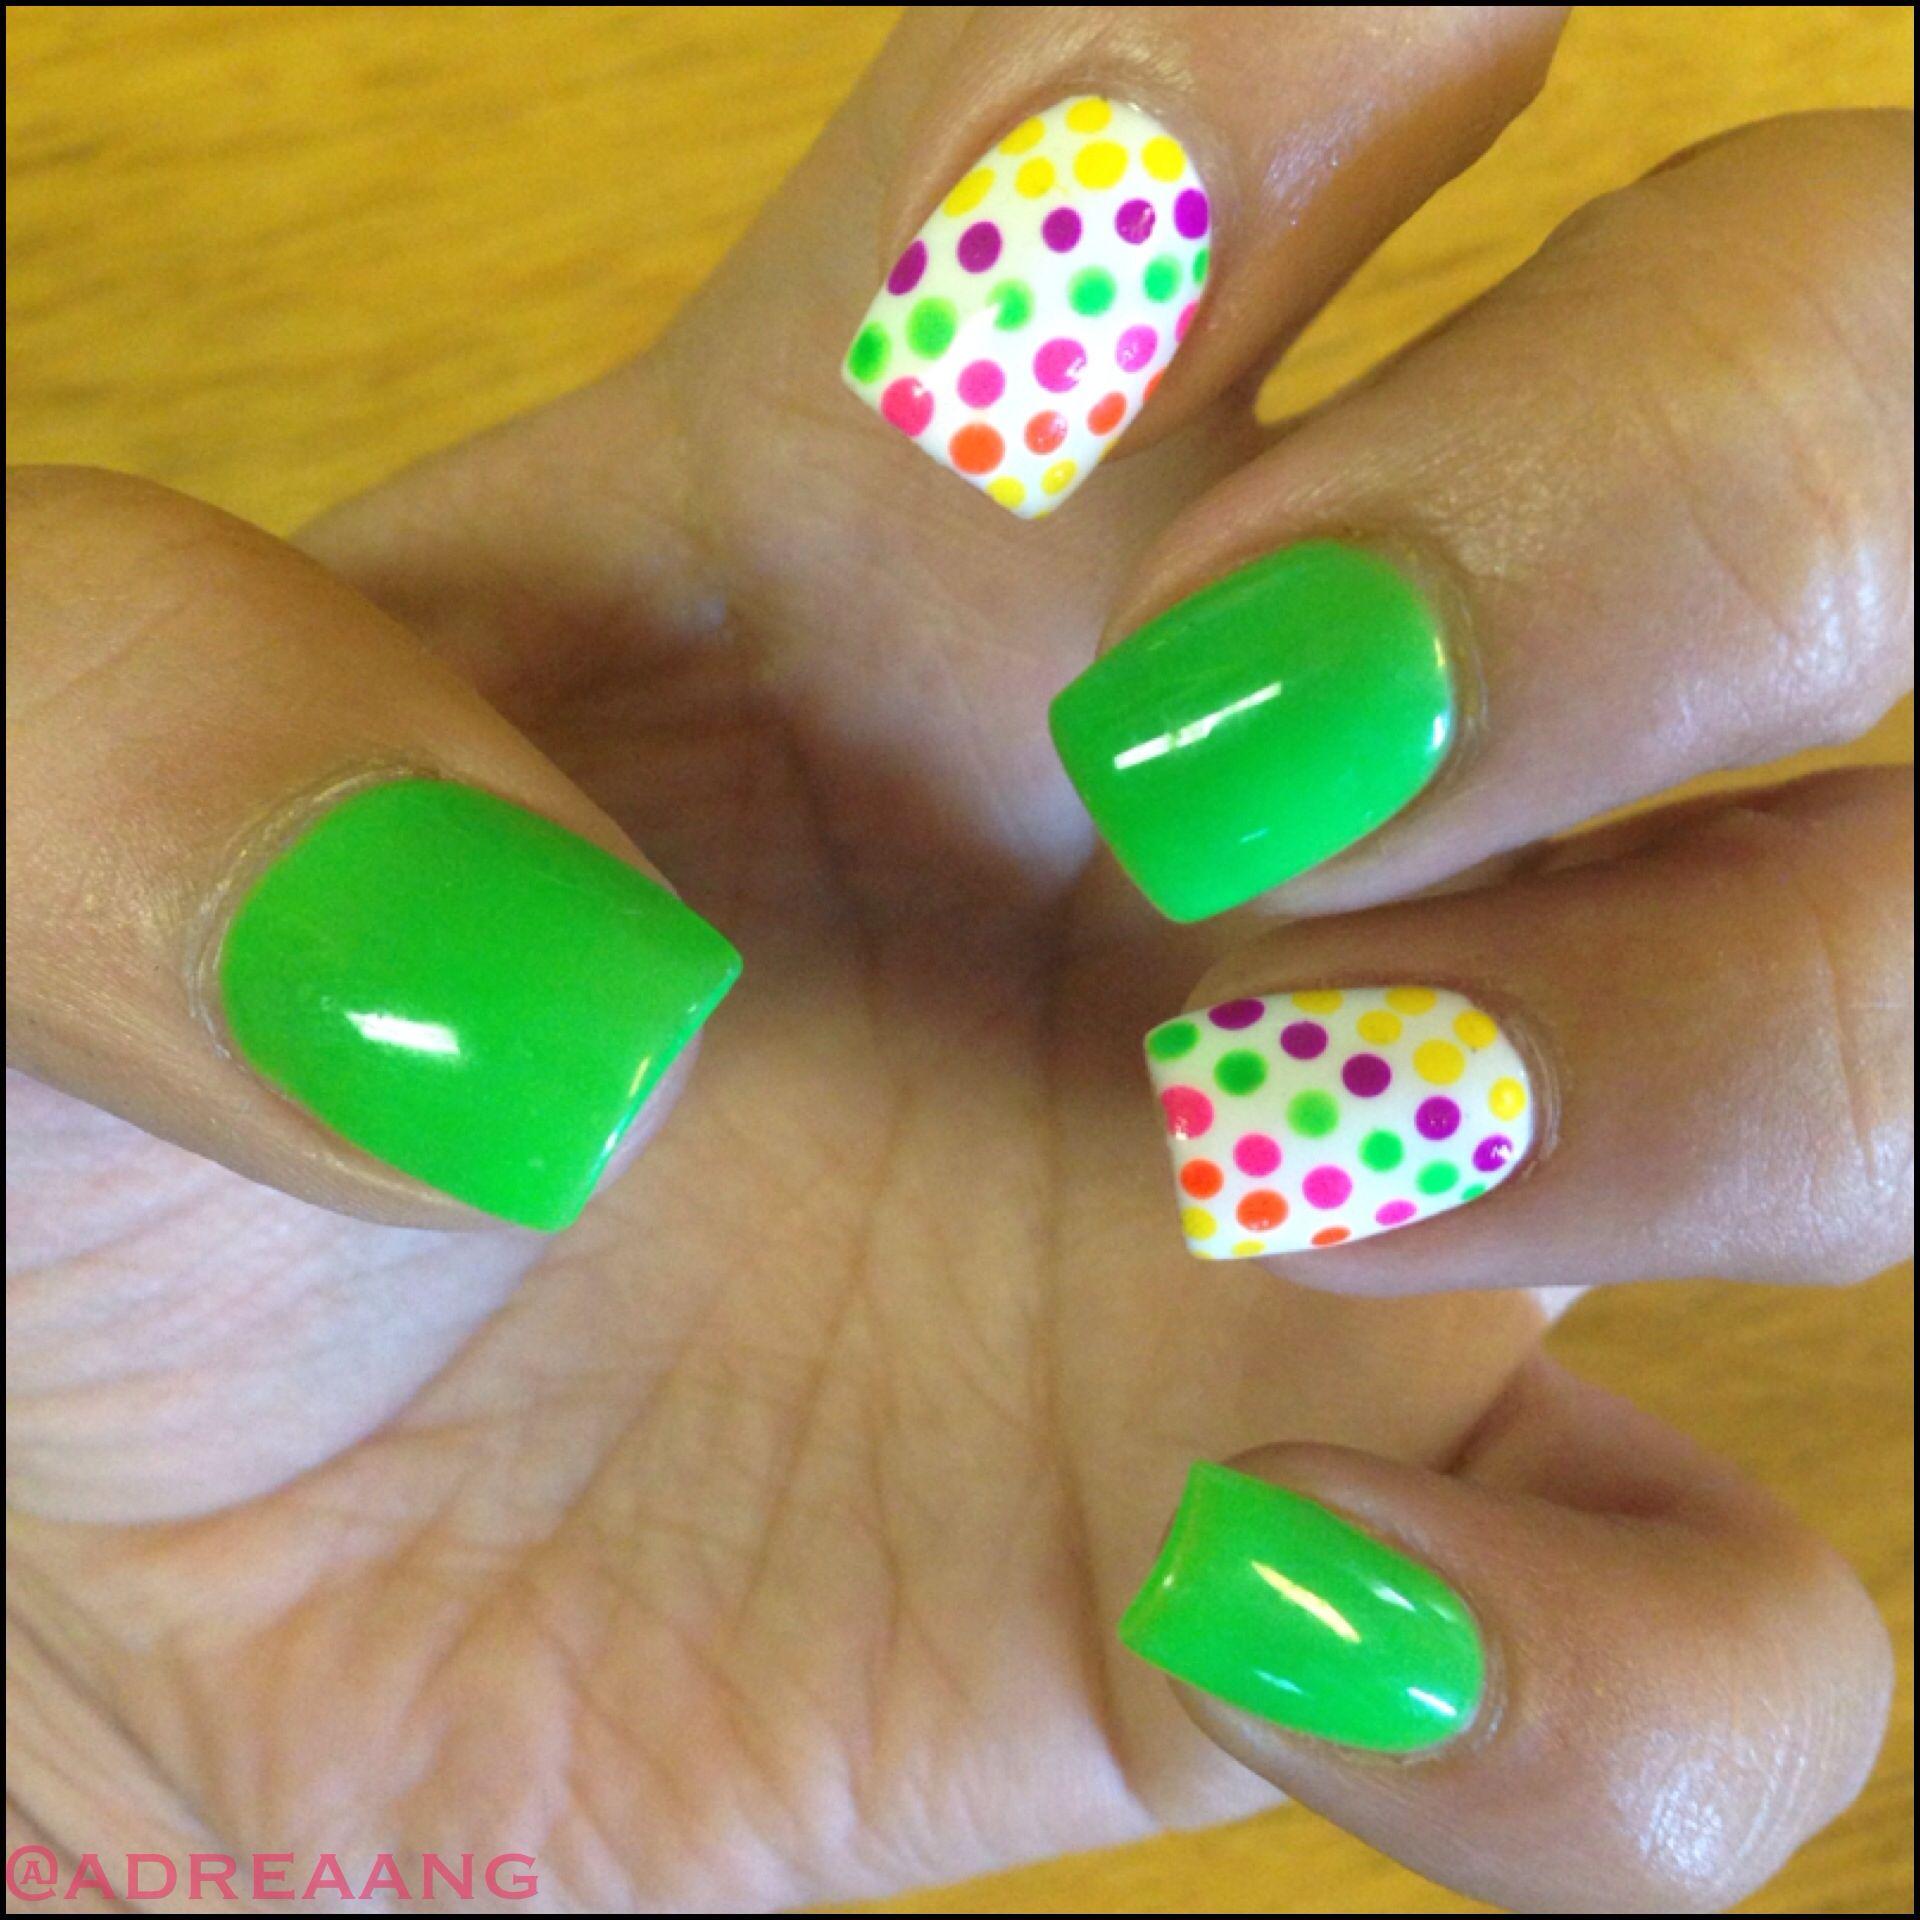 Colorful nails Acrylic nails Nail designs simple designs Neon Nails ...